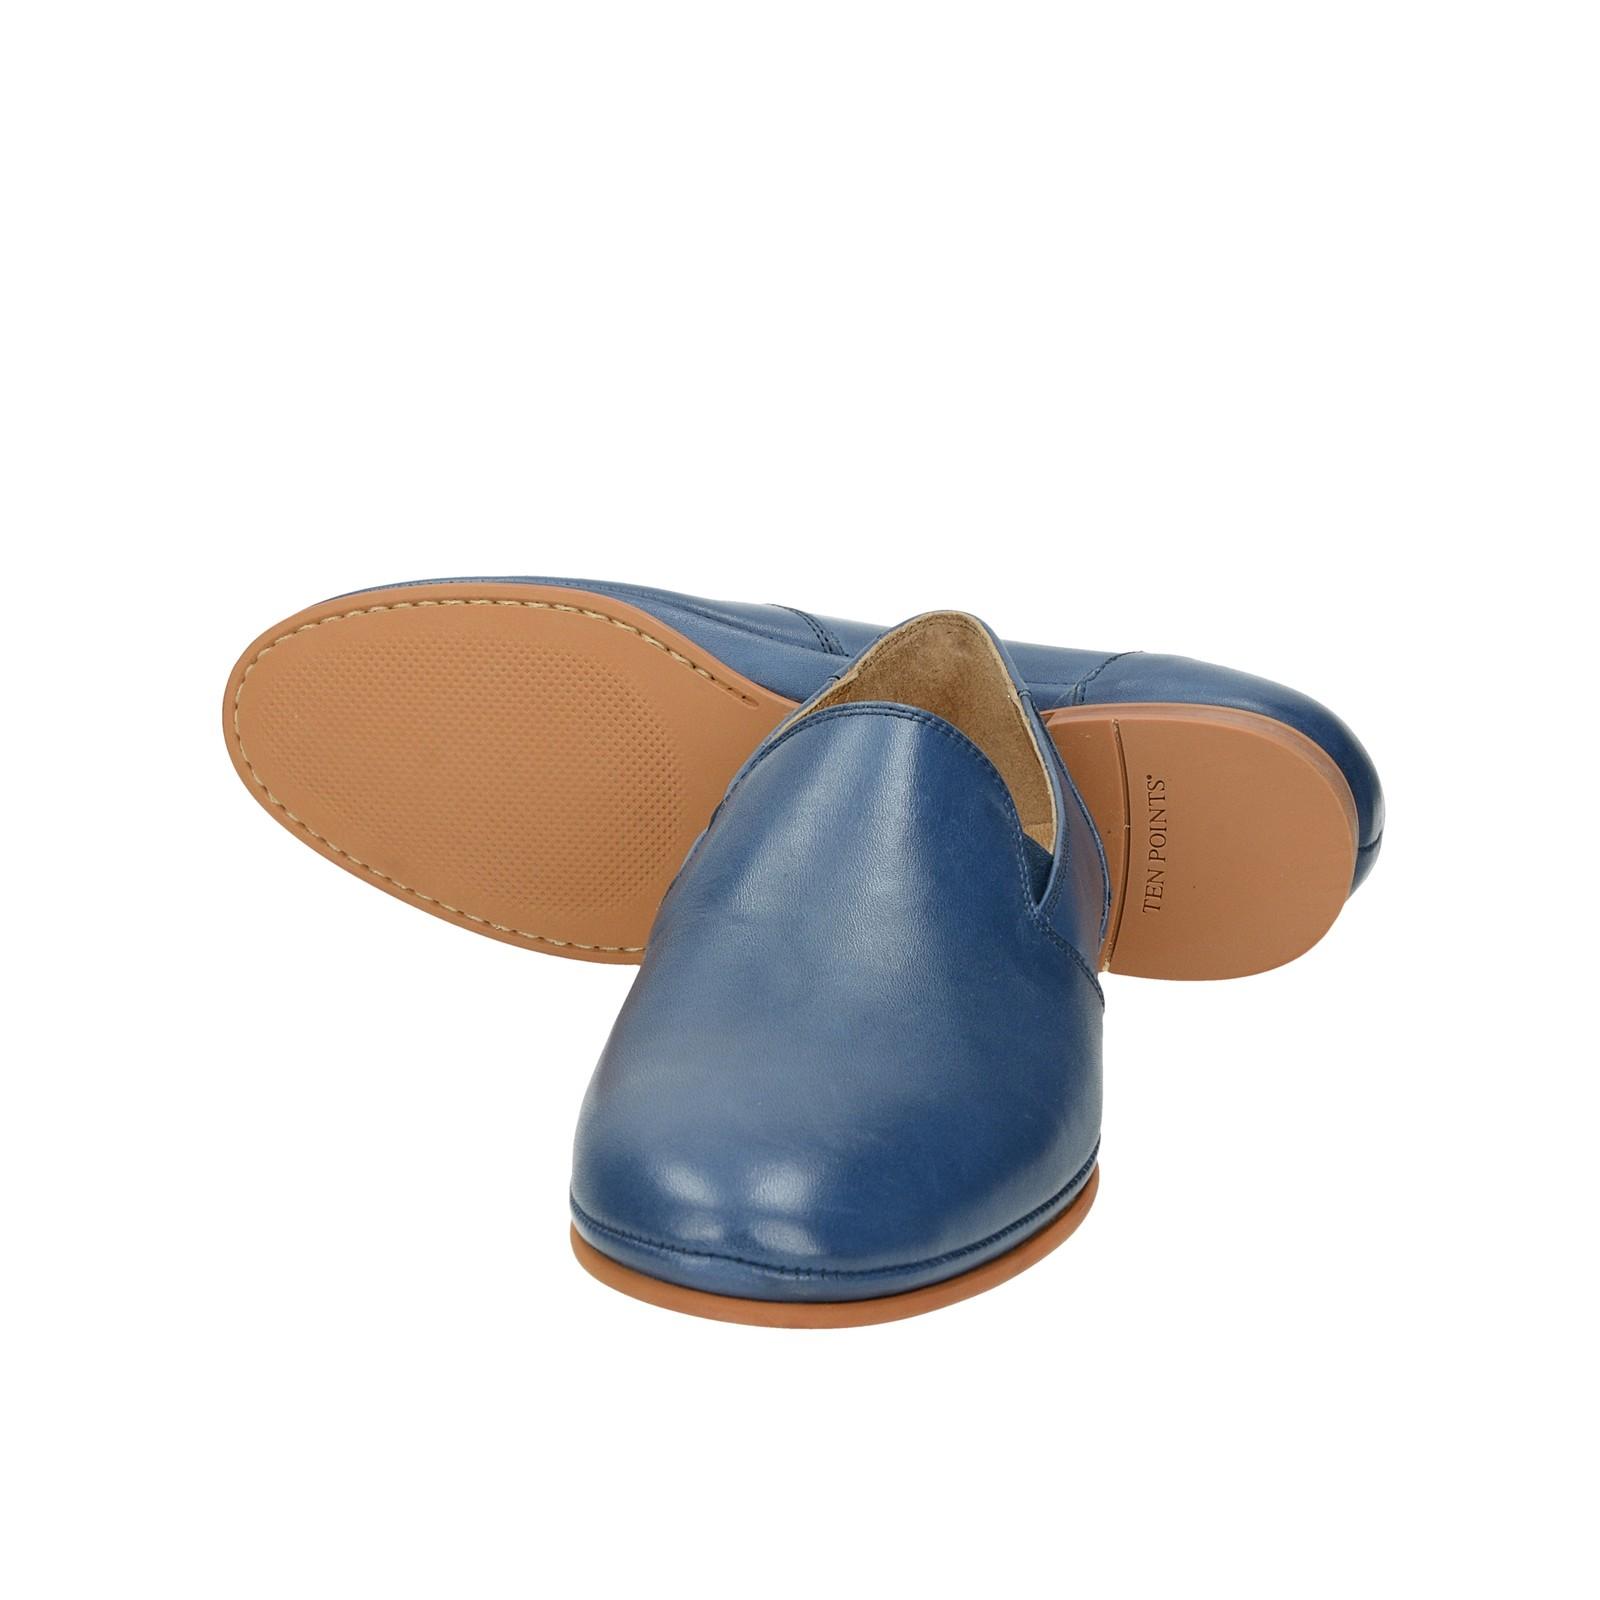 Ten Points dámské kožené polobotky - modré